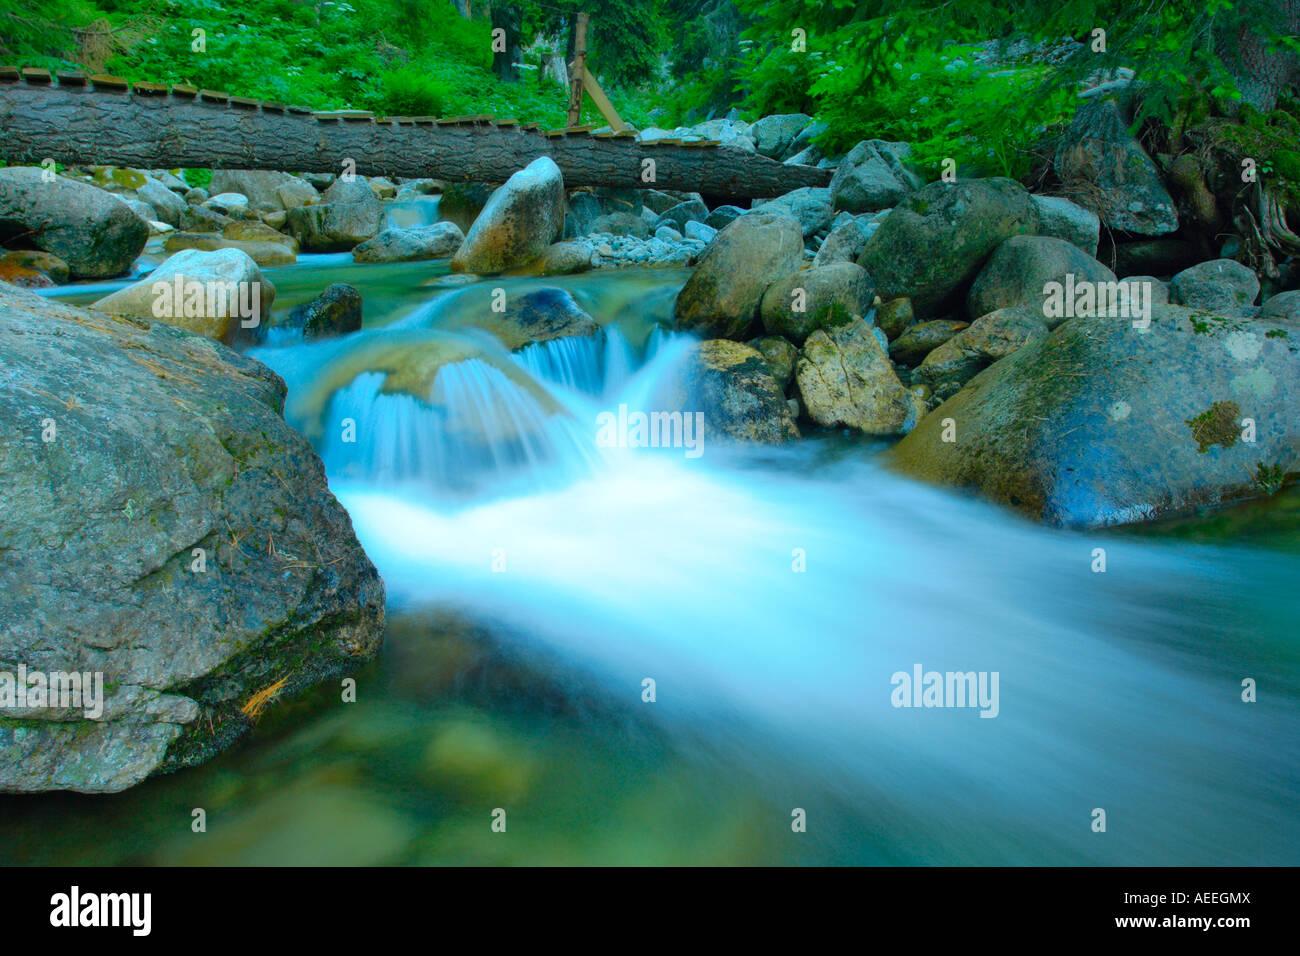 Rivière impétueuse Photo Stock